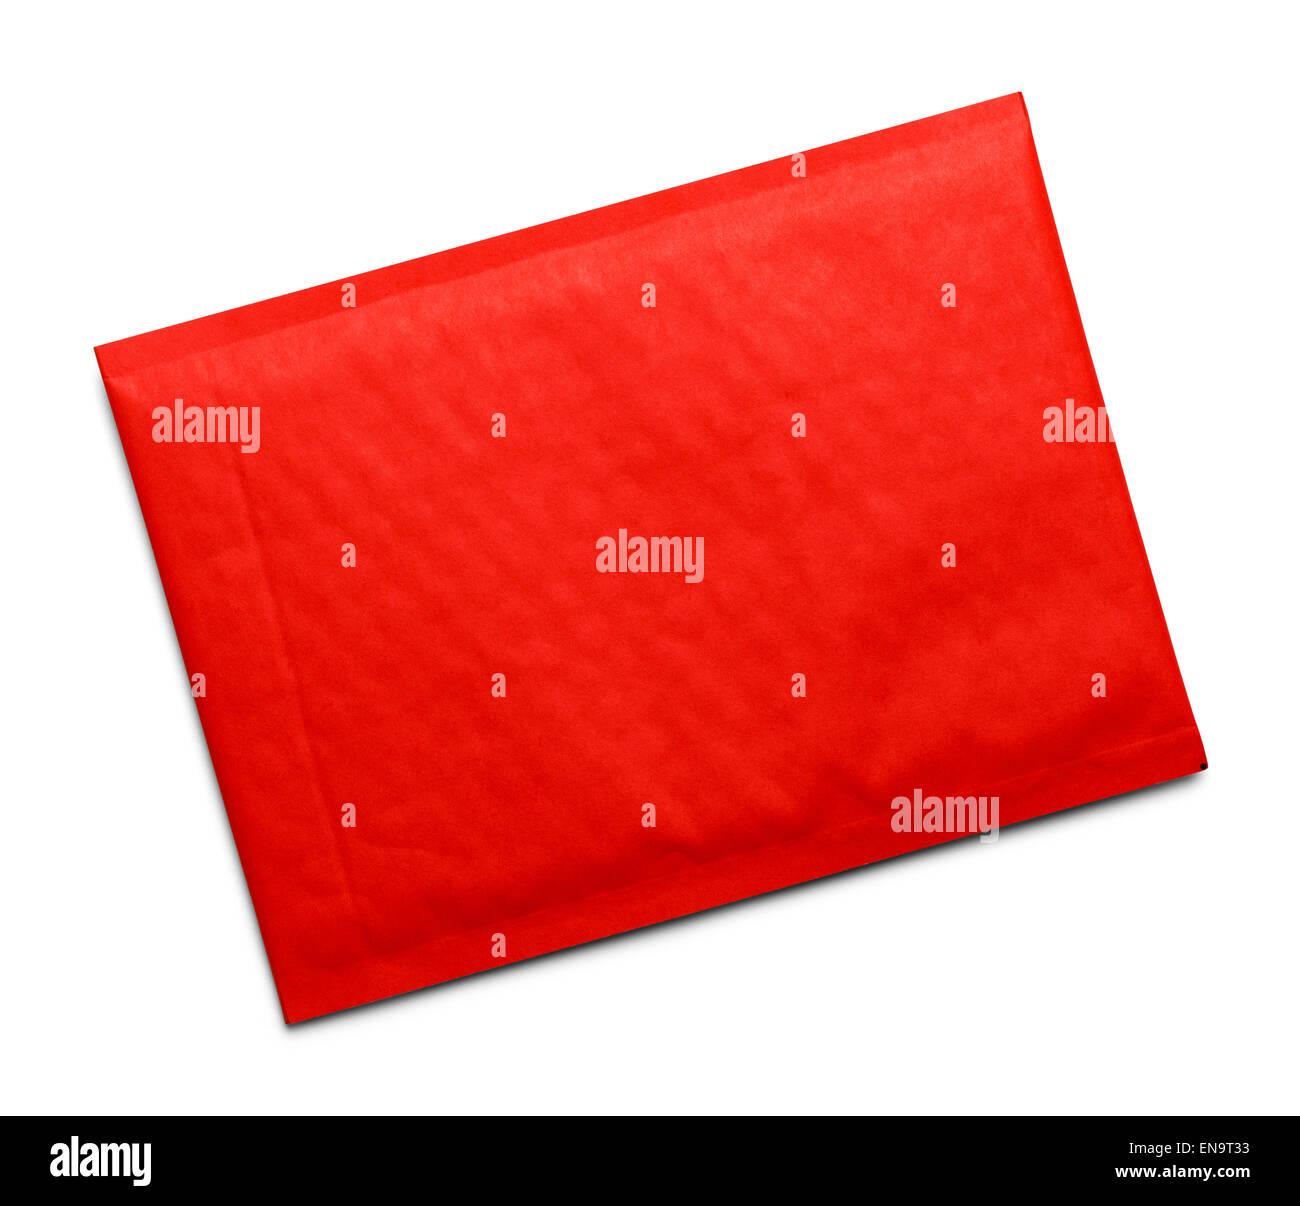 Red bolla busta con copia spazio isolato su sfondo bianco. Immagini Stock